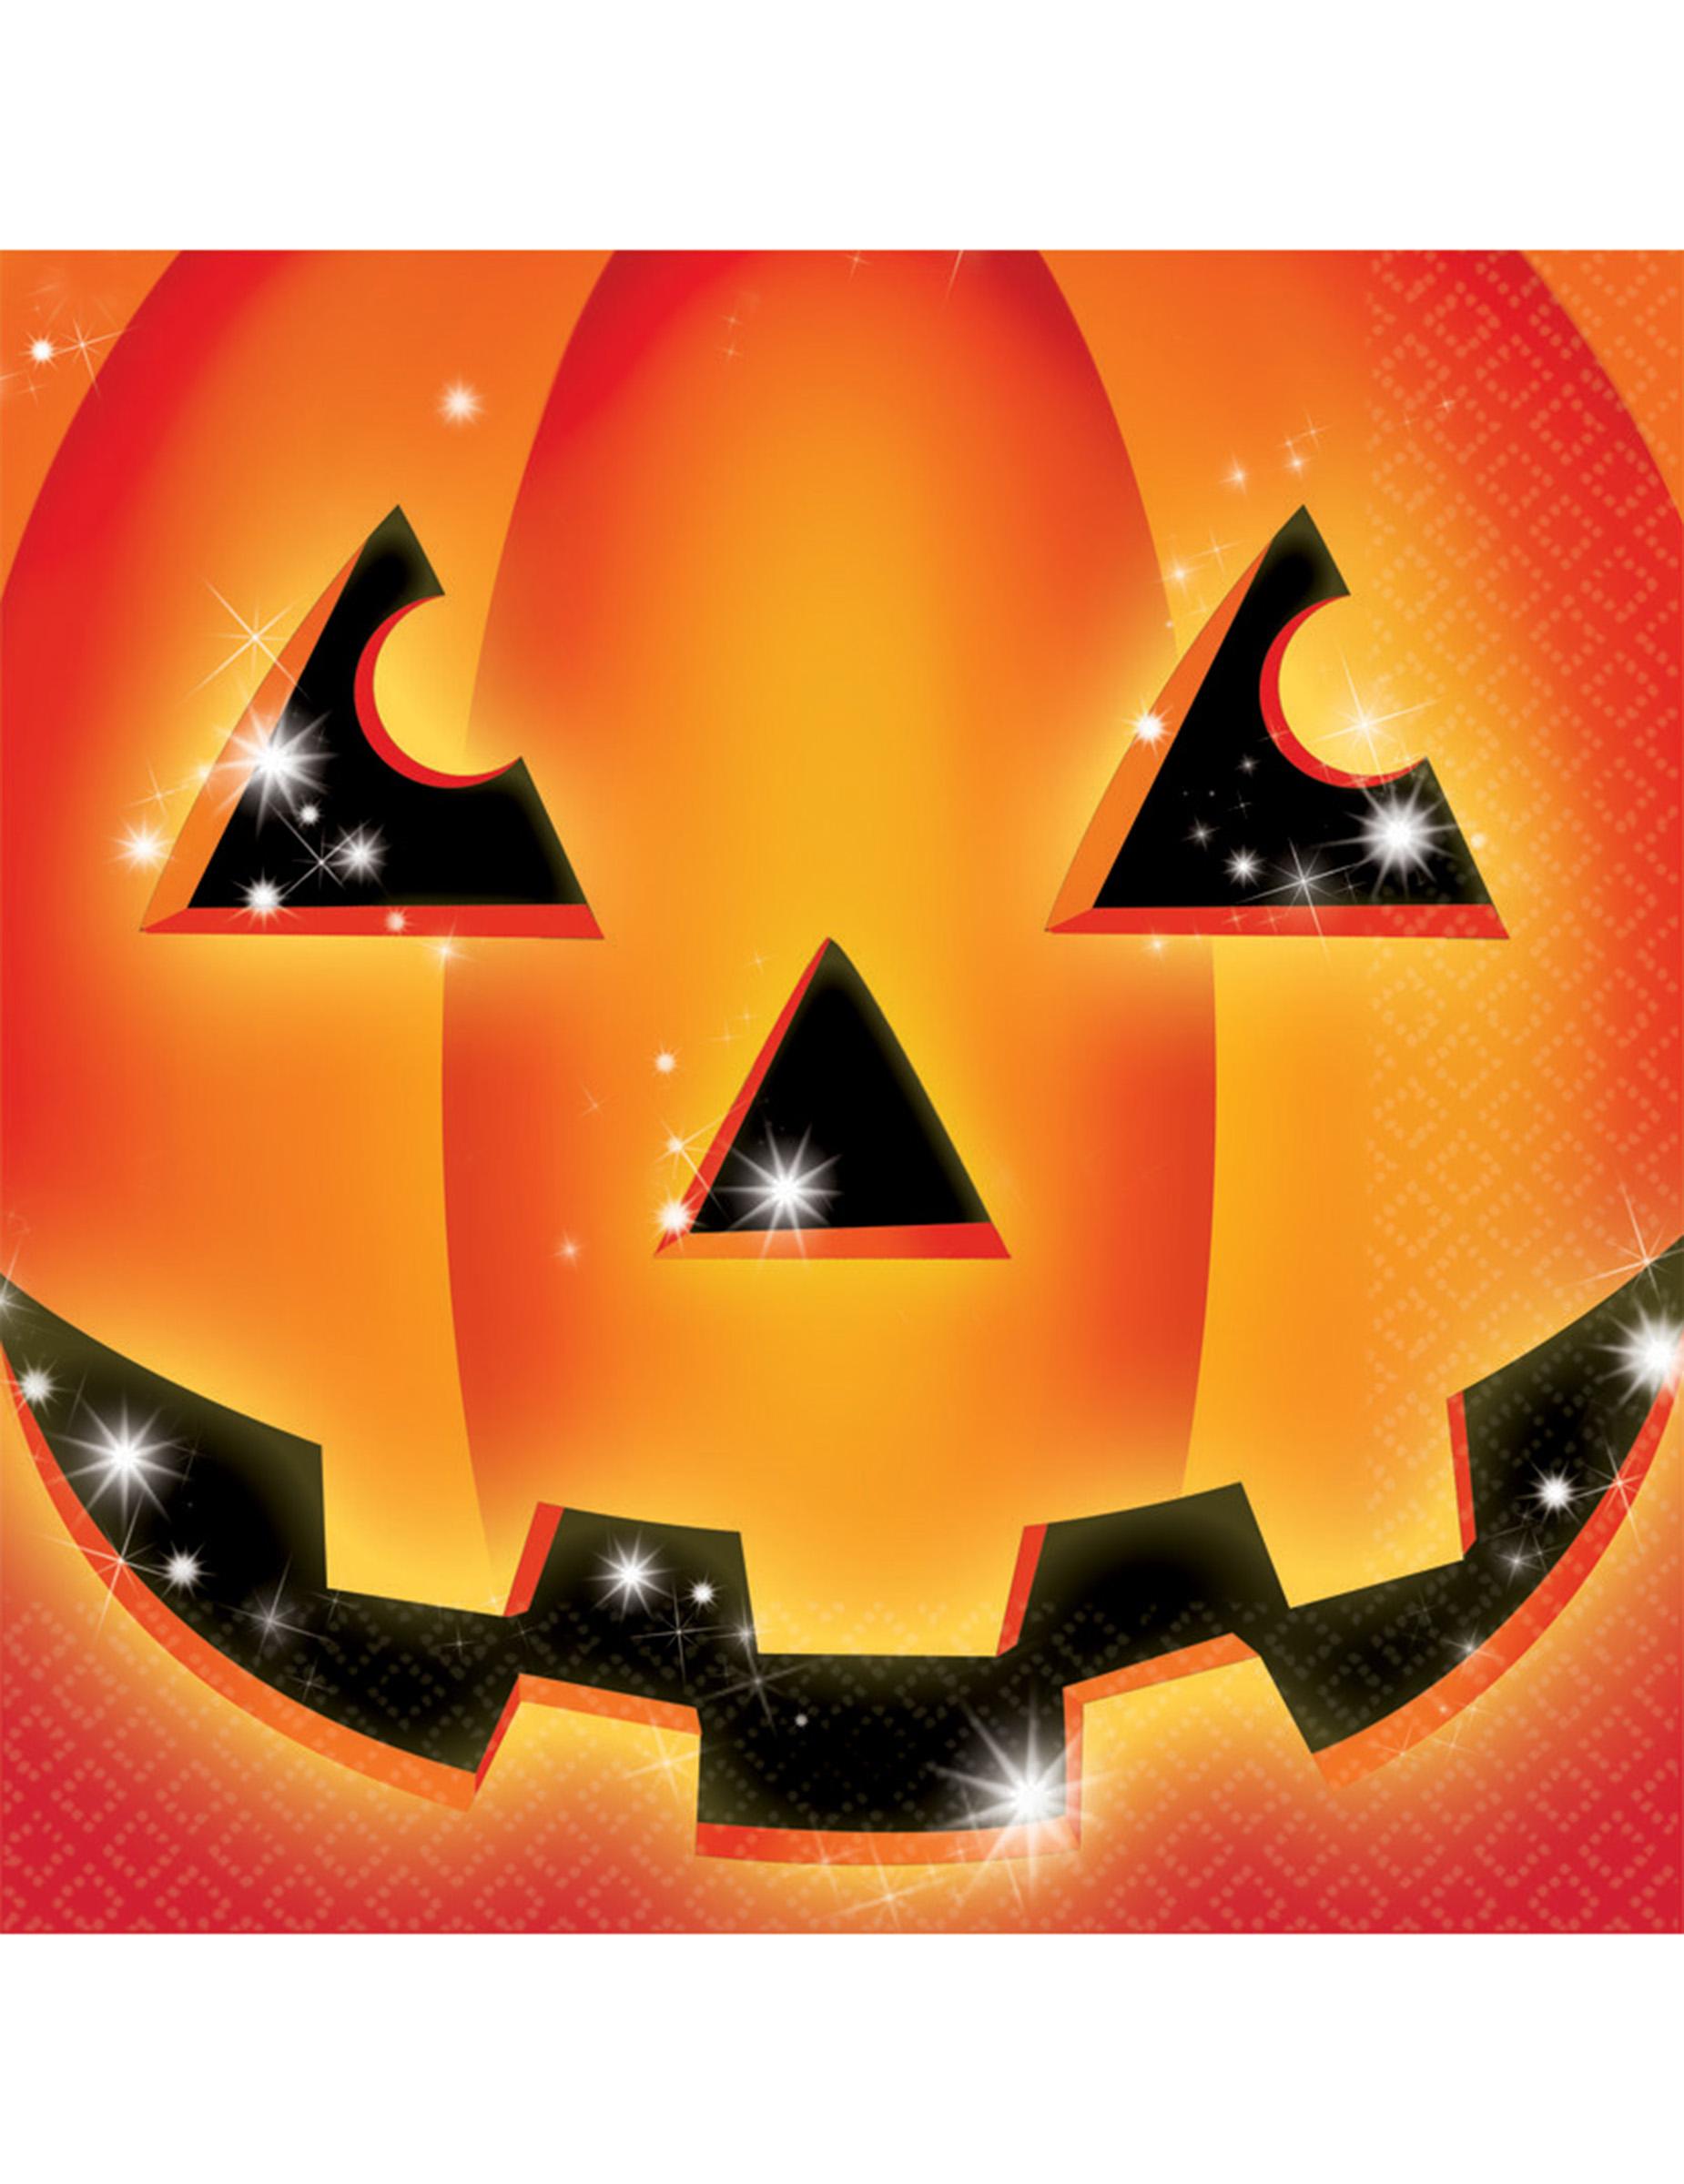 16 serviettes en papier citrouille halloween d coration anniversaire et f tes th me sur - Citrouille halloween en papier ...